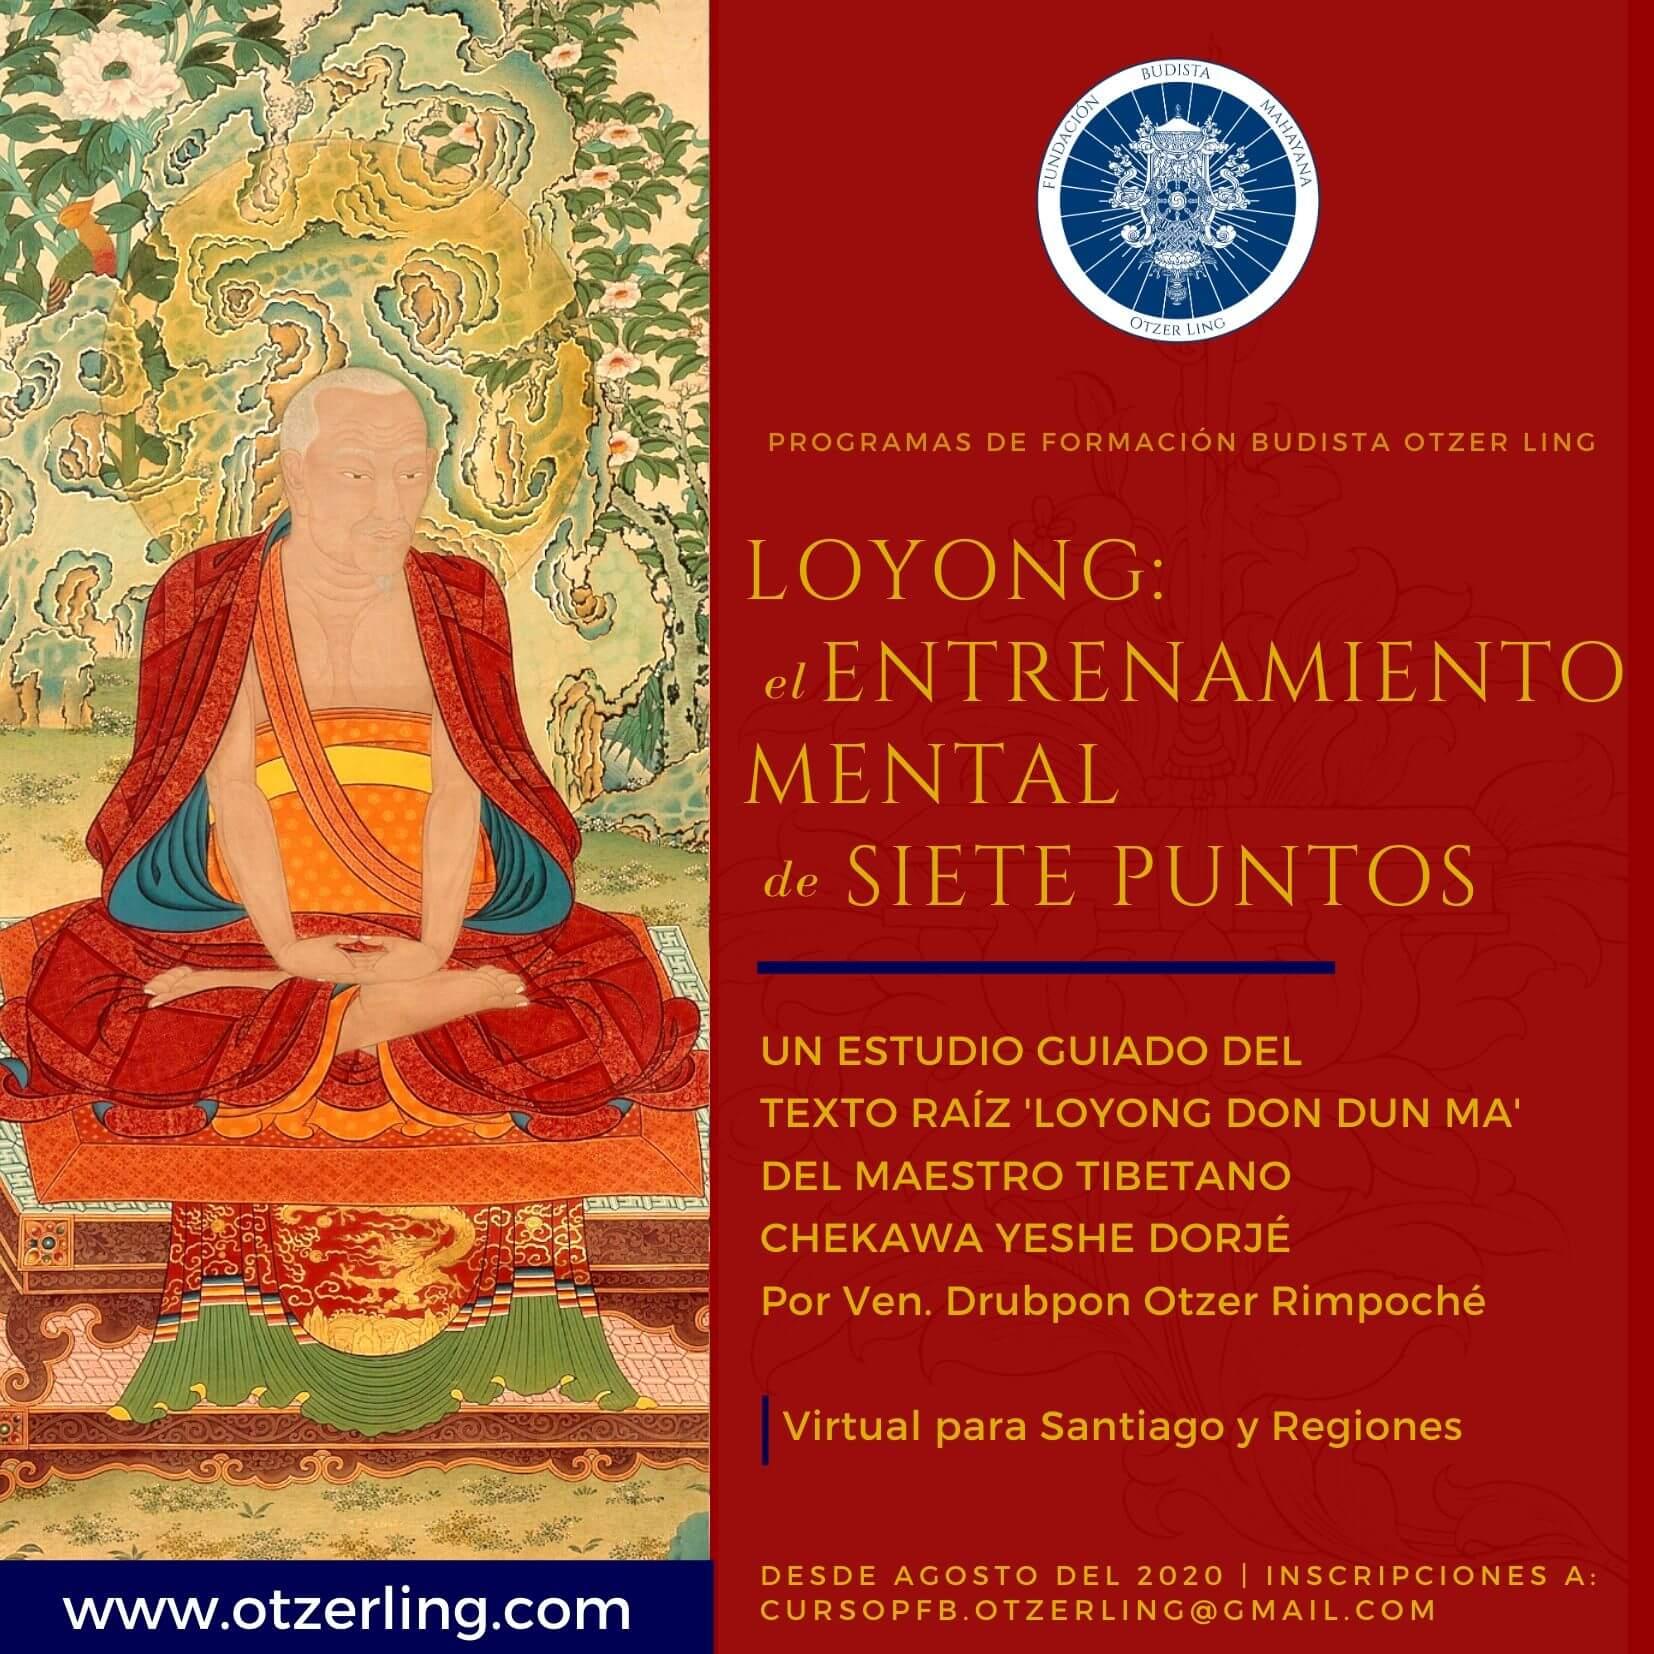 Programa de Formación Budista: Loyong – El Entrenamiento Mental de Siete Puntos